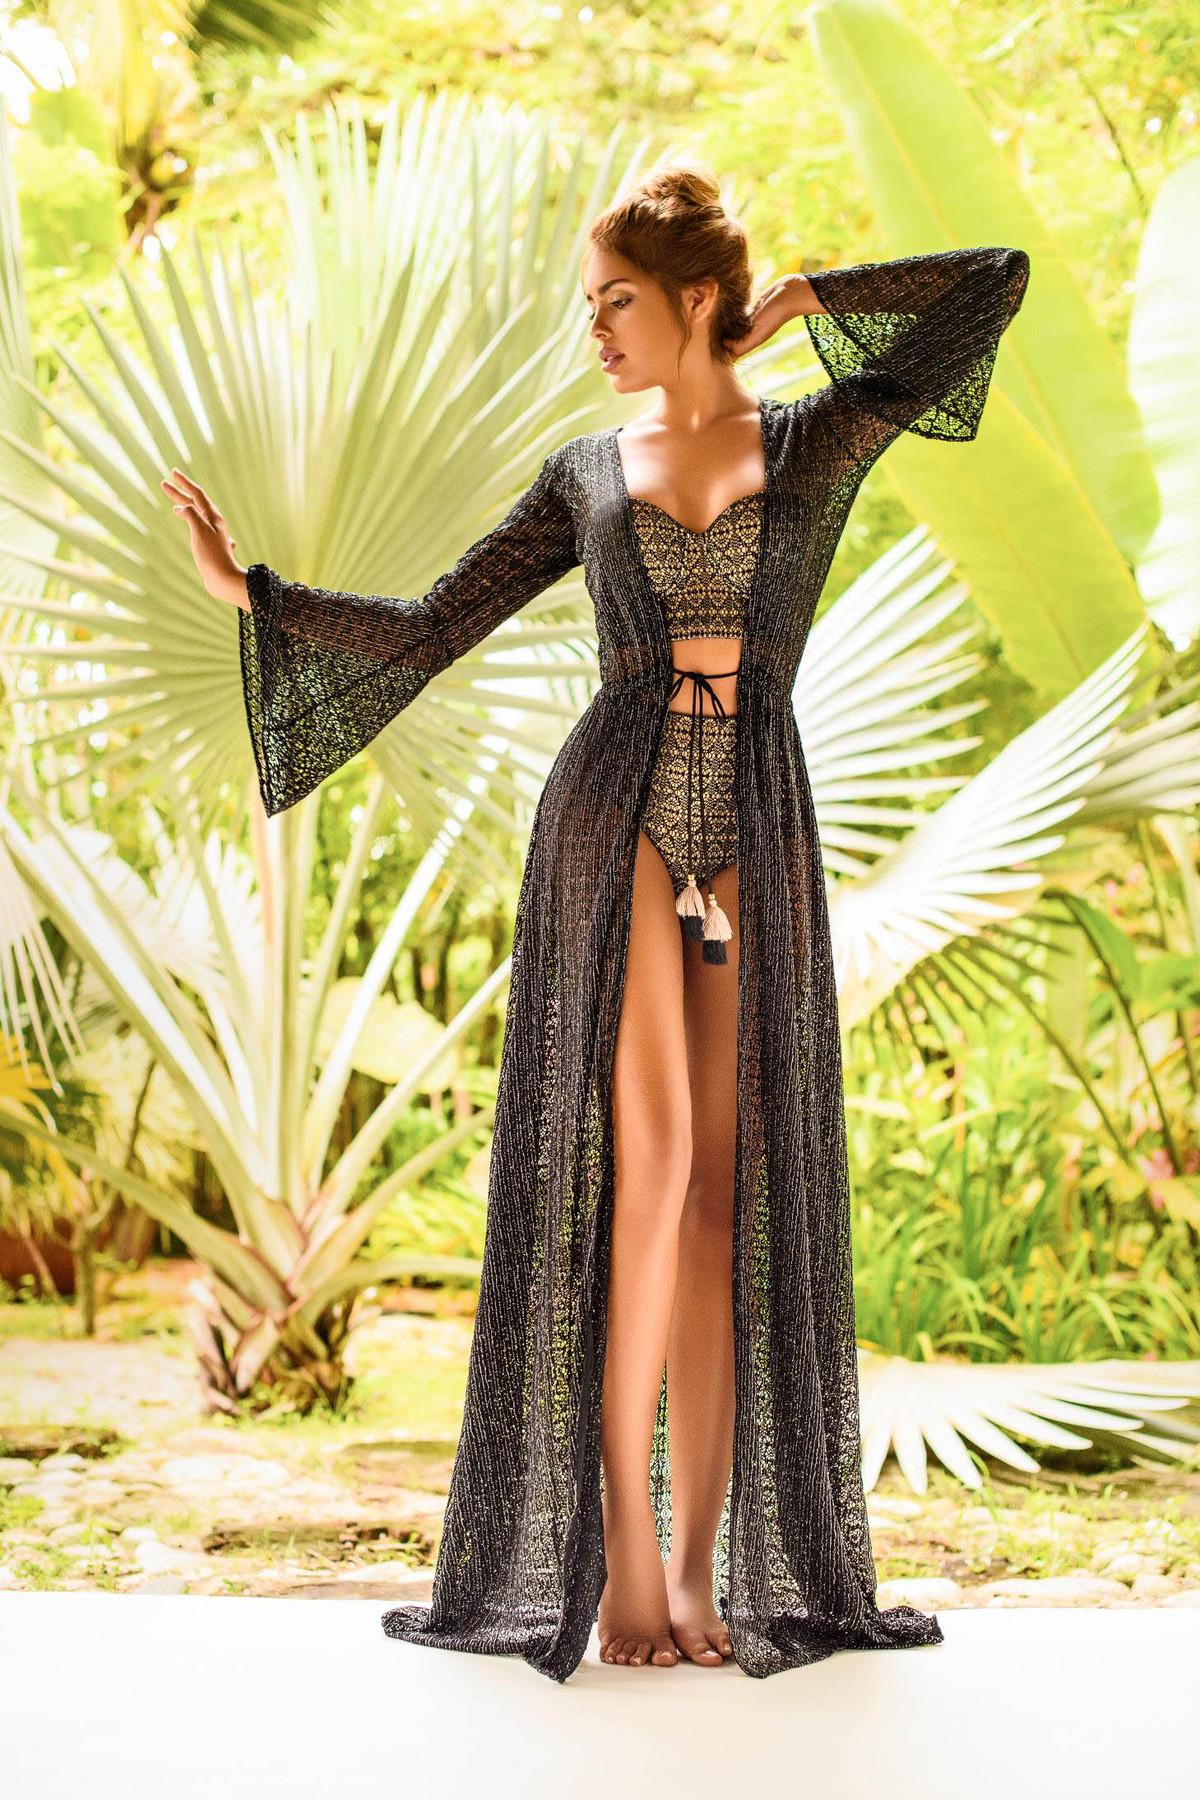 Costum de baie Cosita Linda negru cu slip clasic cu talie inalta si sutien balconette din material auriu imagine